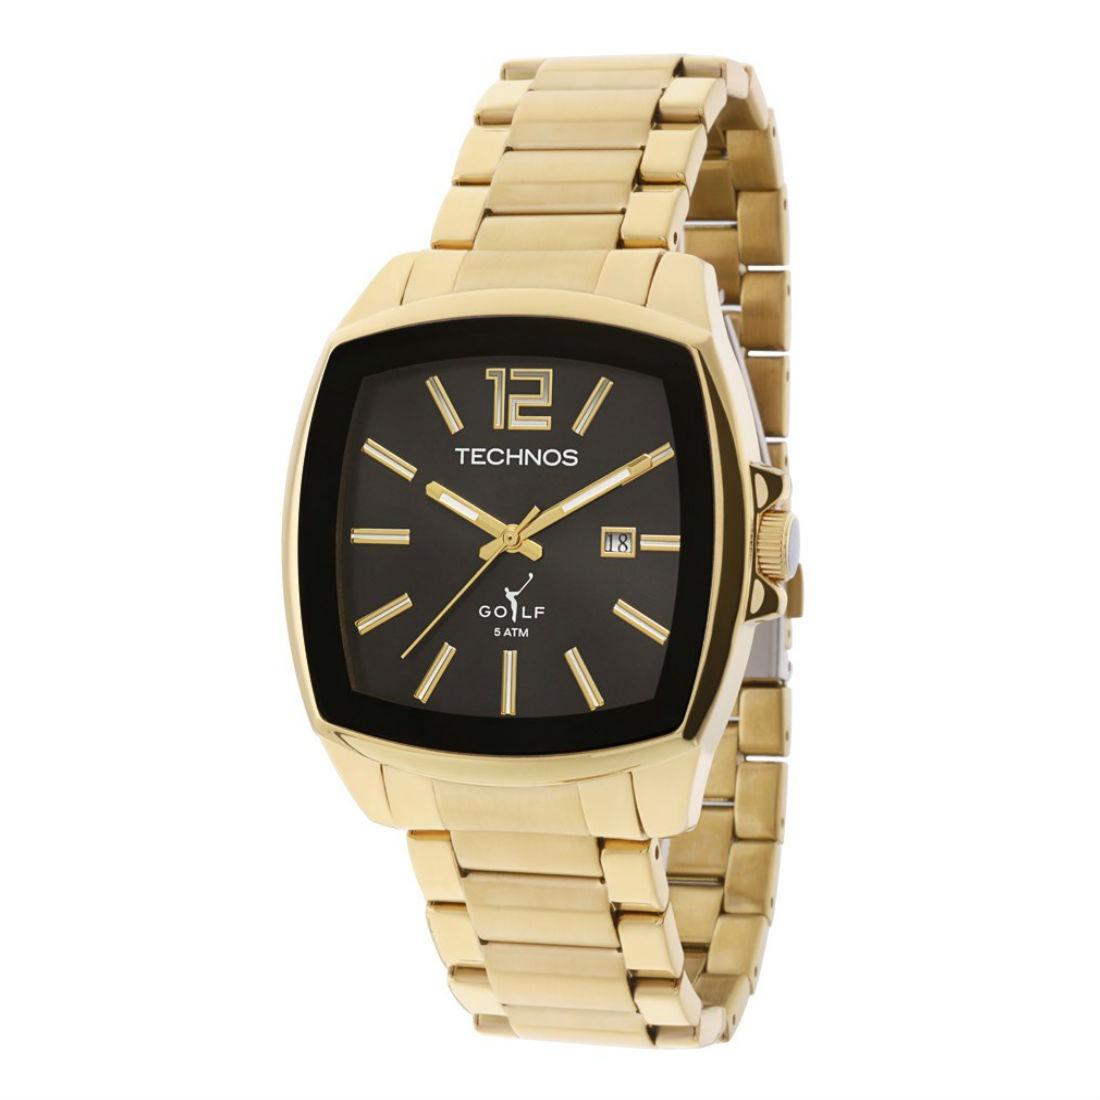 c8fb0a8907a relógio technos masculino classic golf. Carregando zoom.